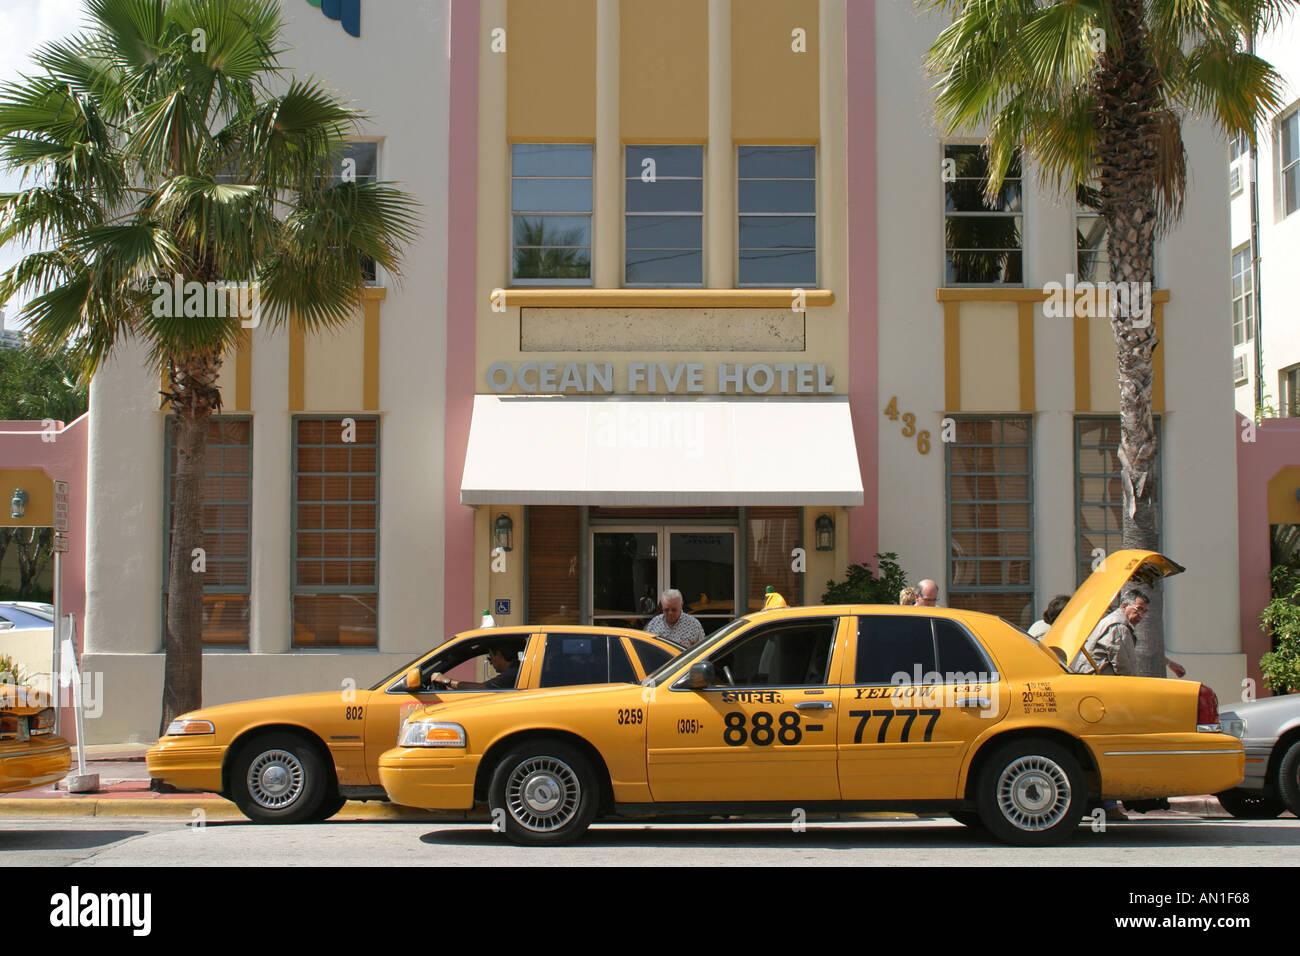 Miami Beach Florida South Beach Ocean Drive Ocean Five Hotel Taxis